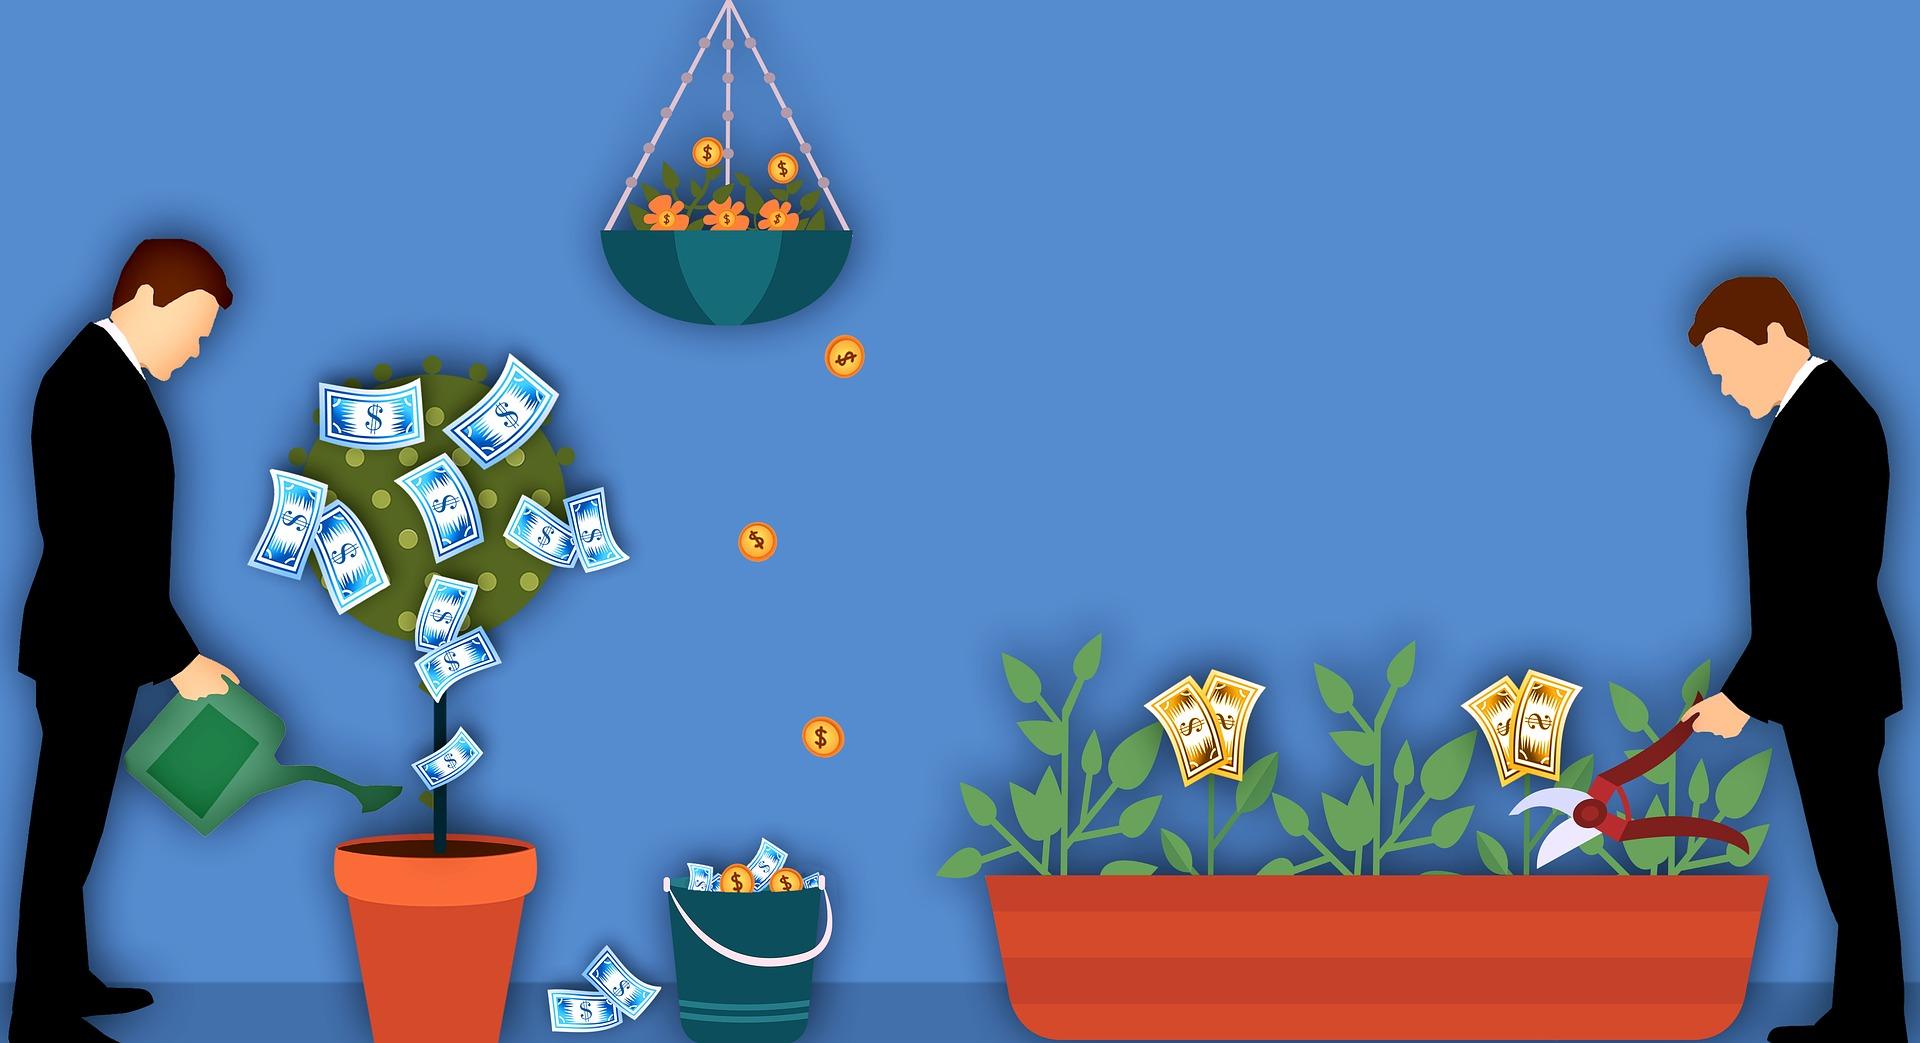 【まとめ】ビジネスで役立つ行動経済学『忙しい人のための行動経済学』